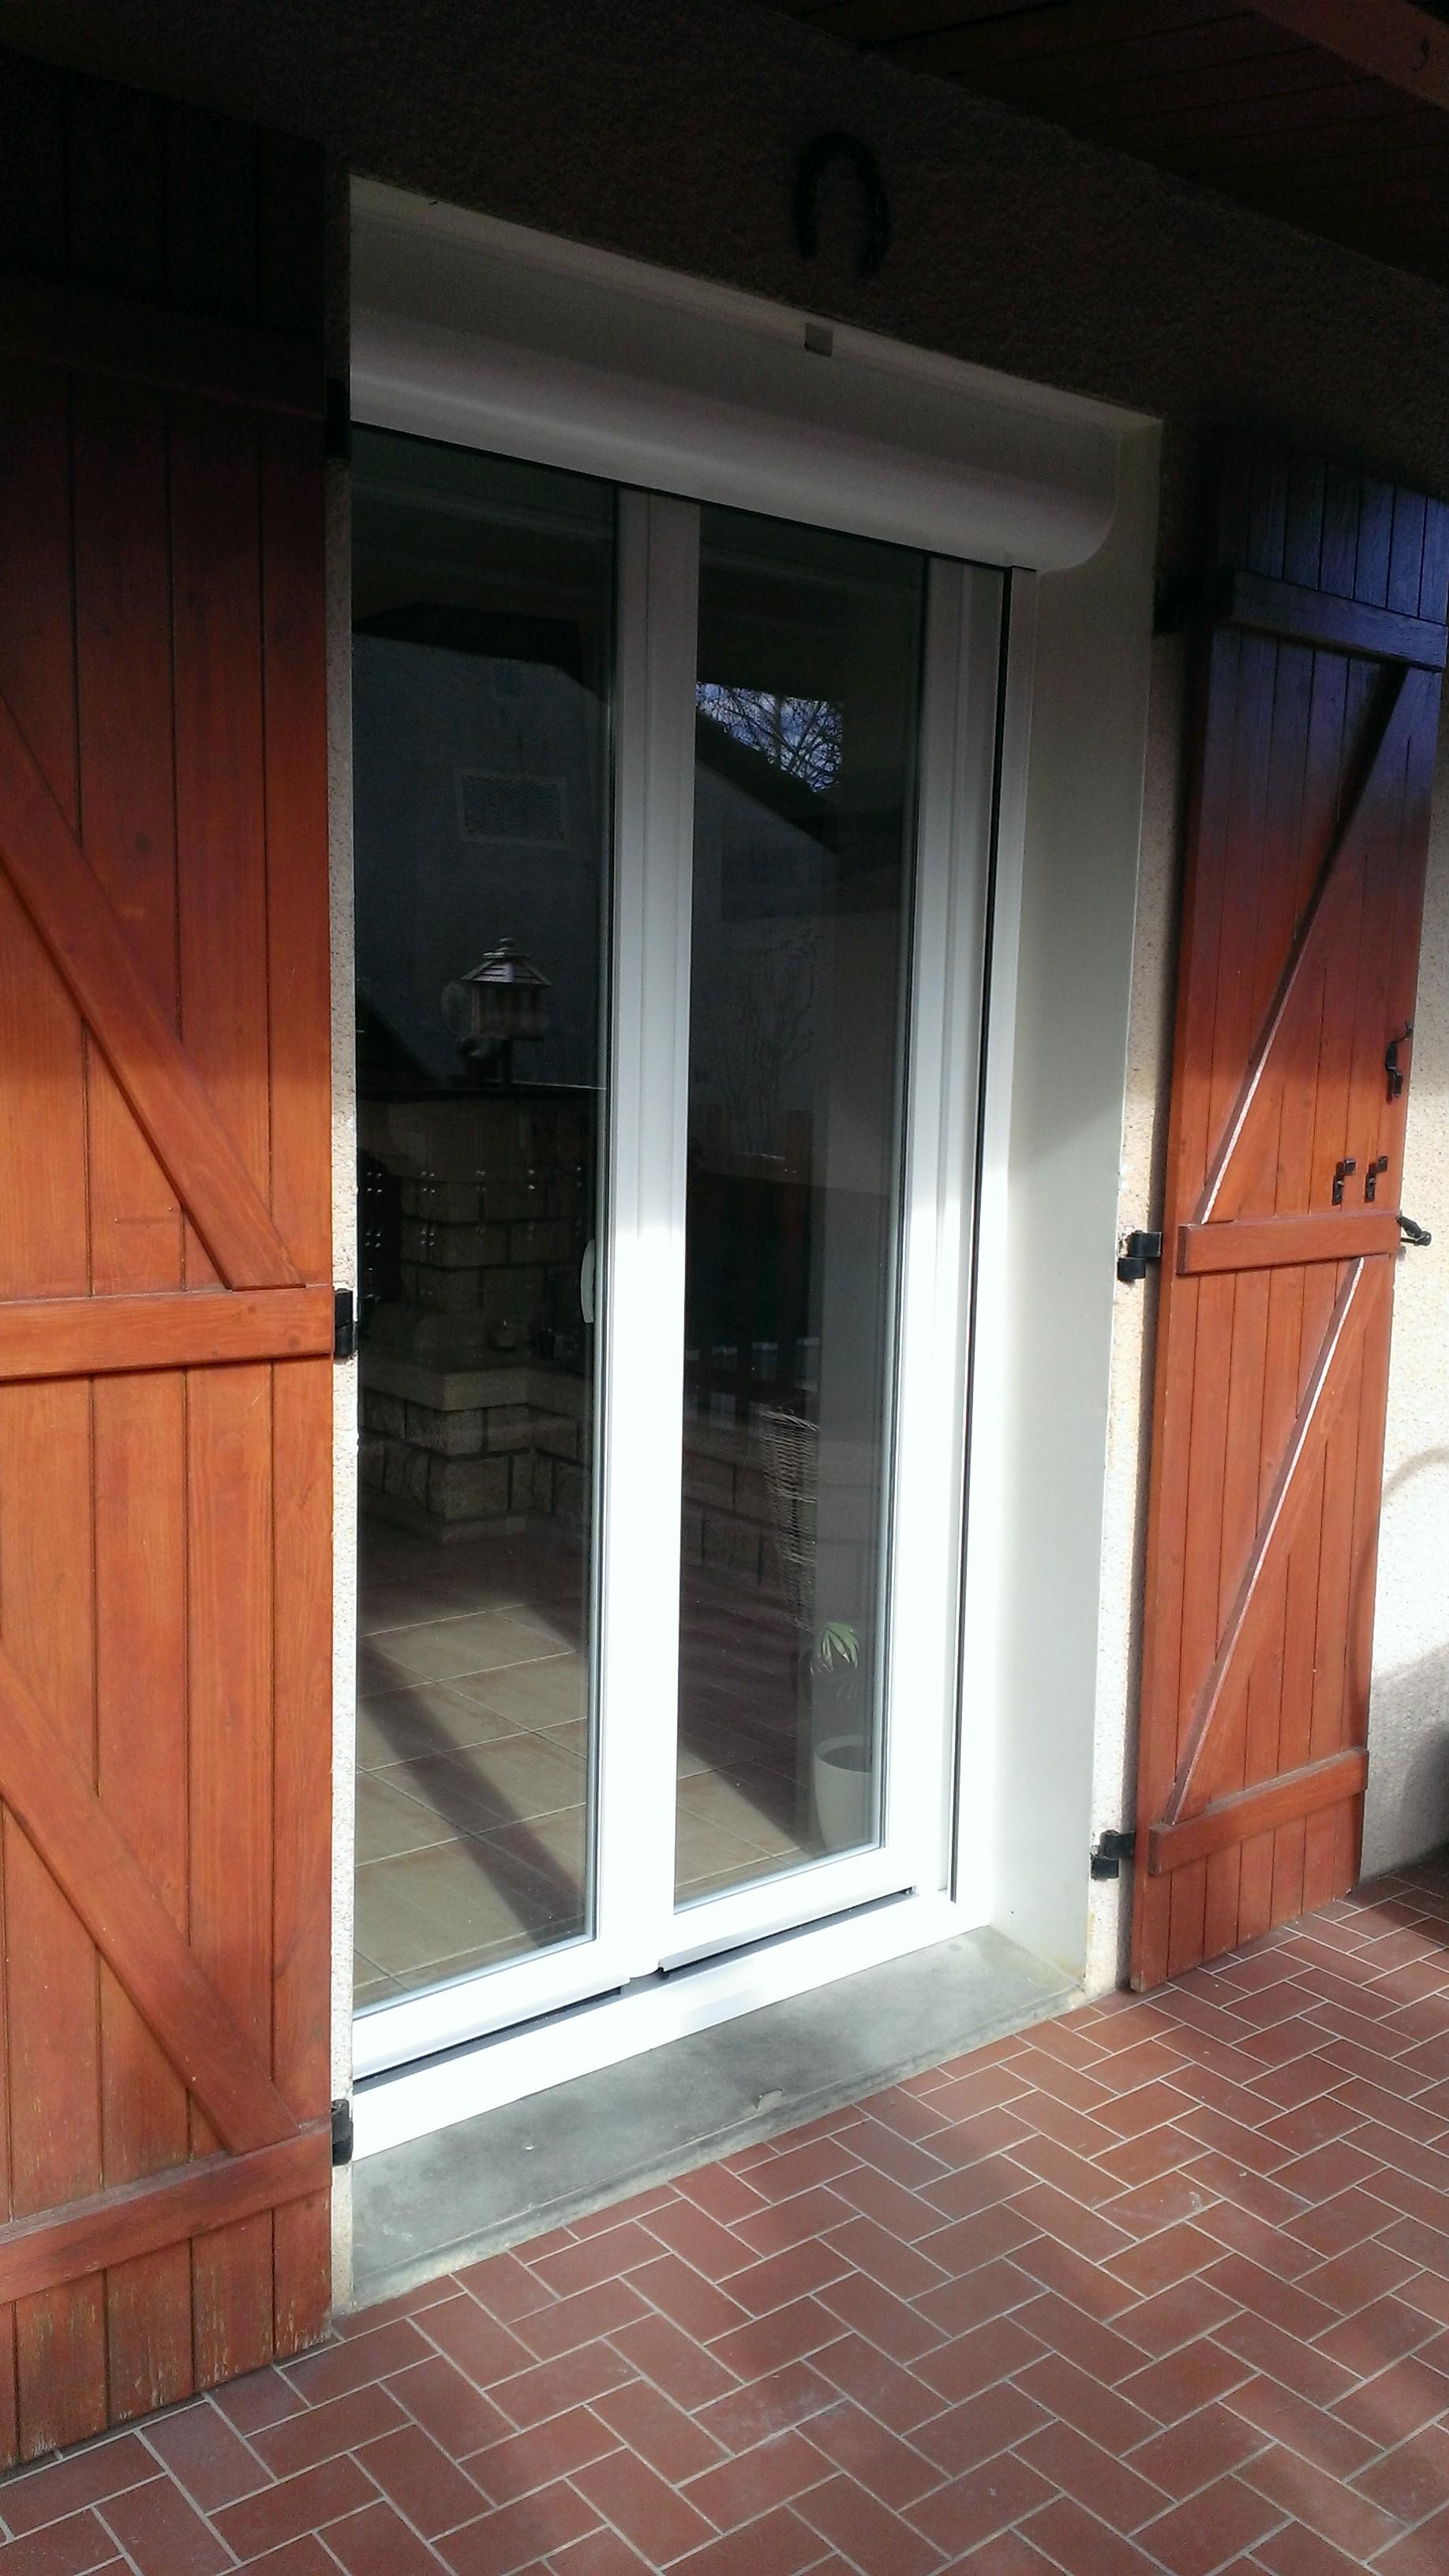 Porte fenetre pvc double vitrage tr voux menuiserie plus for Porte fenetre double vitrage